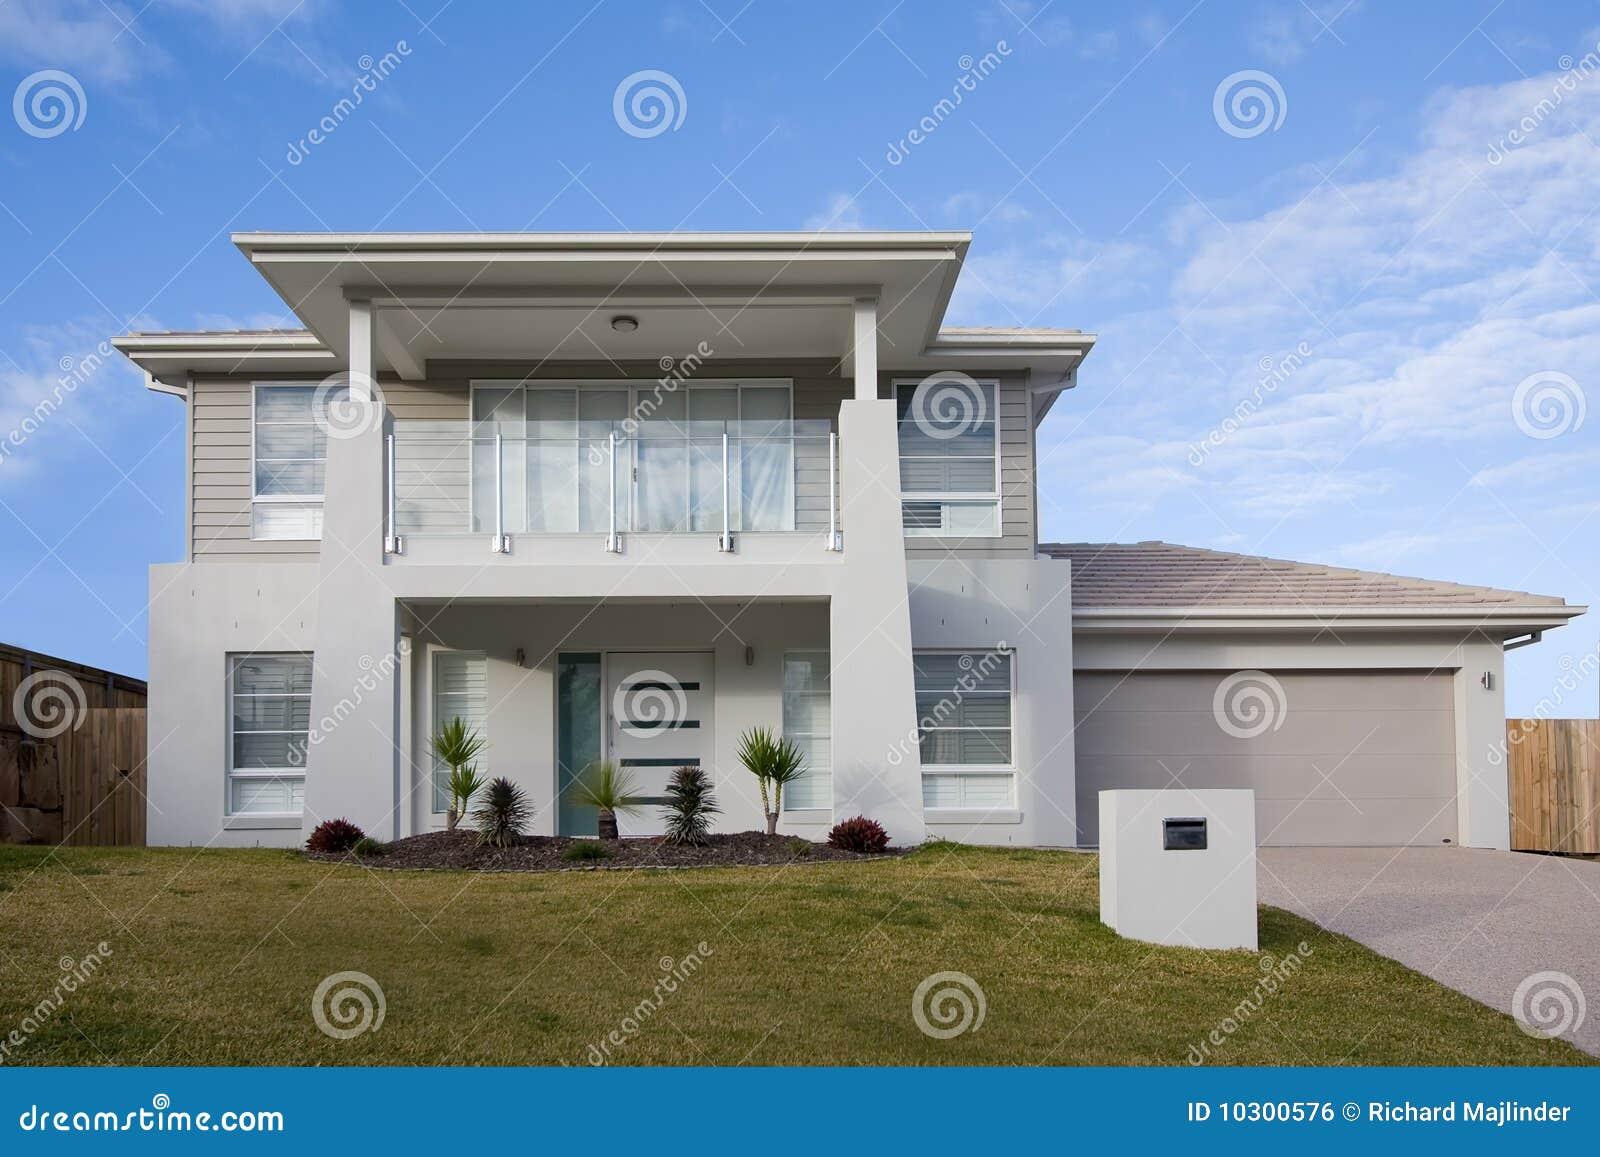 modernes haus mit zwei geschossen mit einem balkon lizenzfreies stockbild bild 10300576. Black Bedroom Furniture Sets. Home Design Ideas